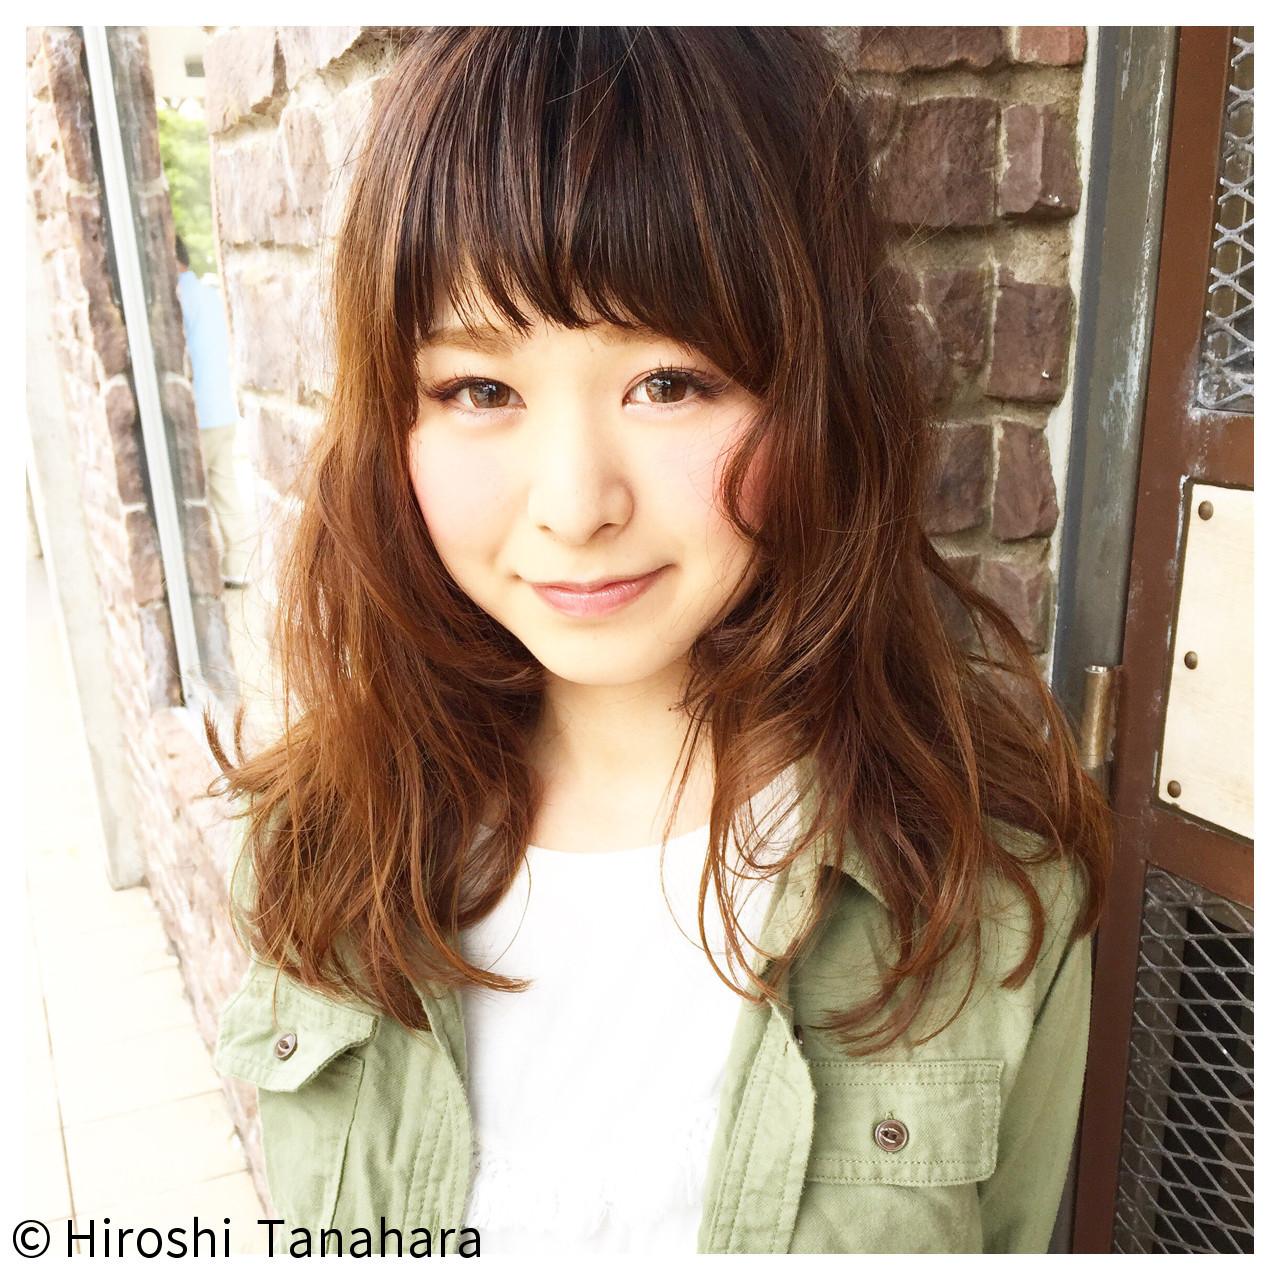 セミロング 色気 アッシュ ウルフカット ヘアスタイルや髪型の写真・画像 | Hiroshi Tanahara / cacette